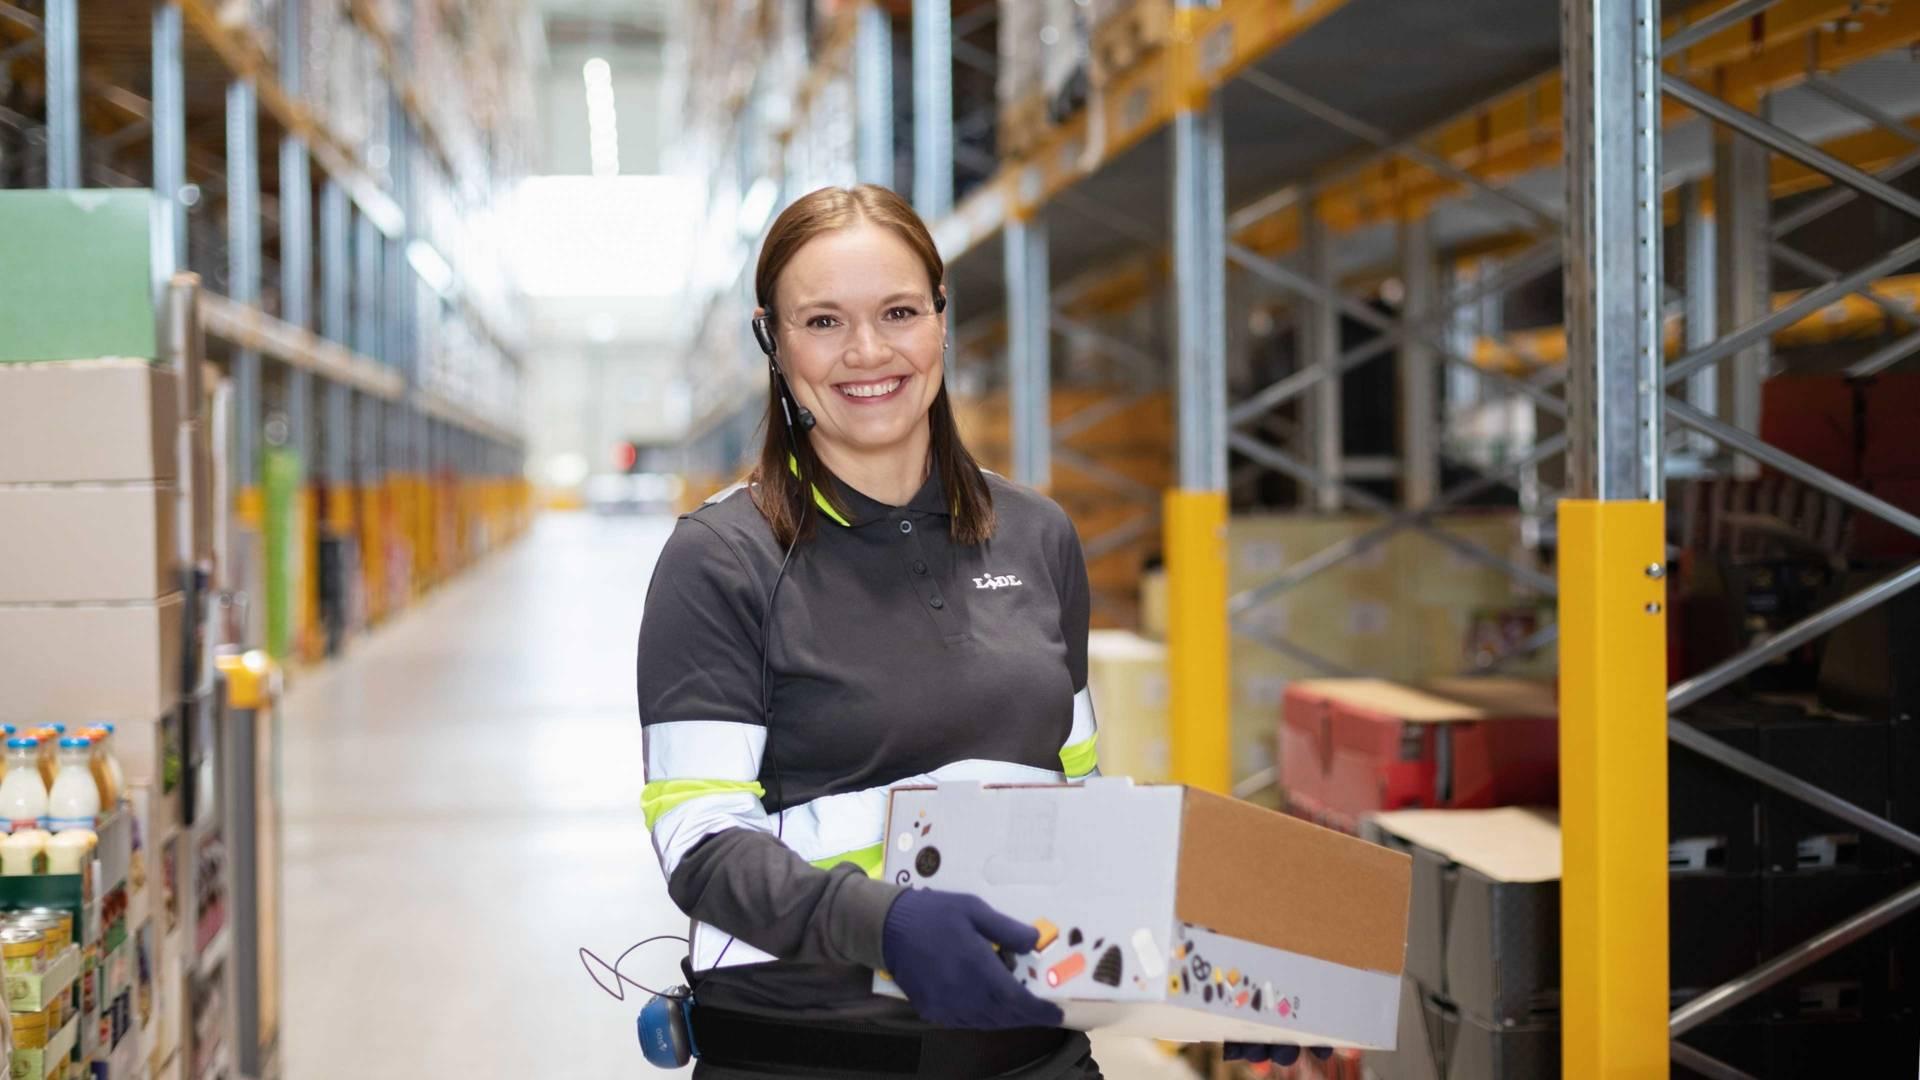 Työntekijä nostaa pakettia hymyillen